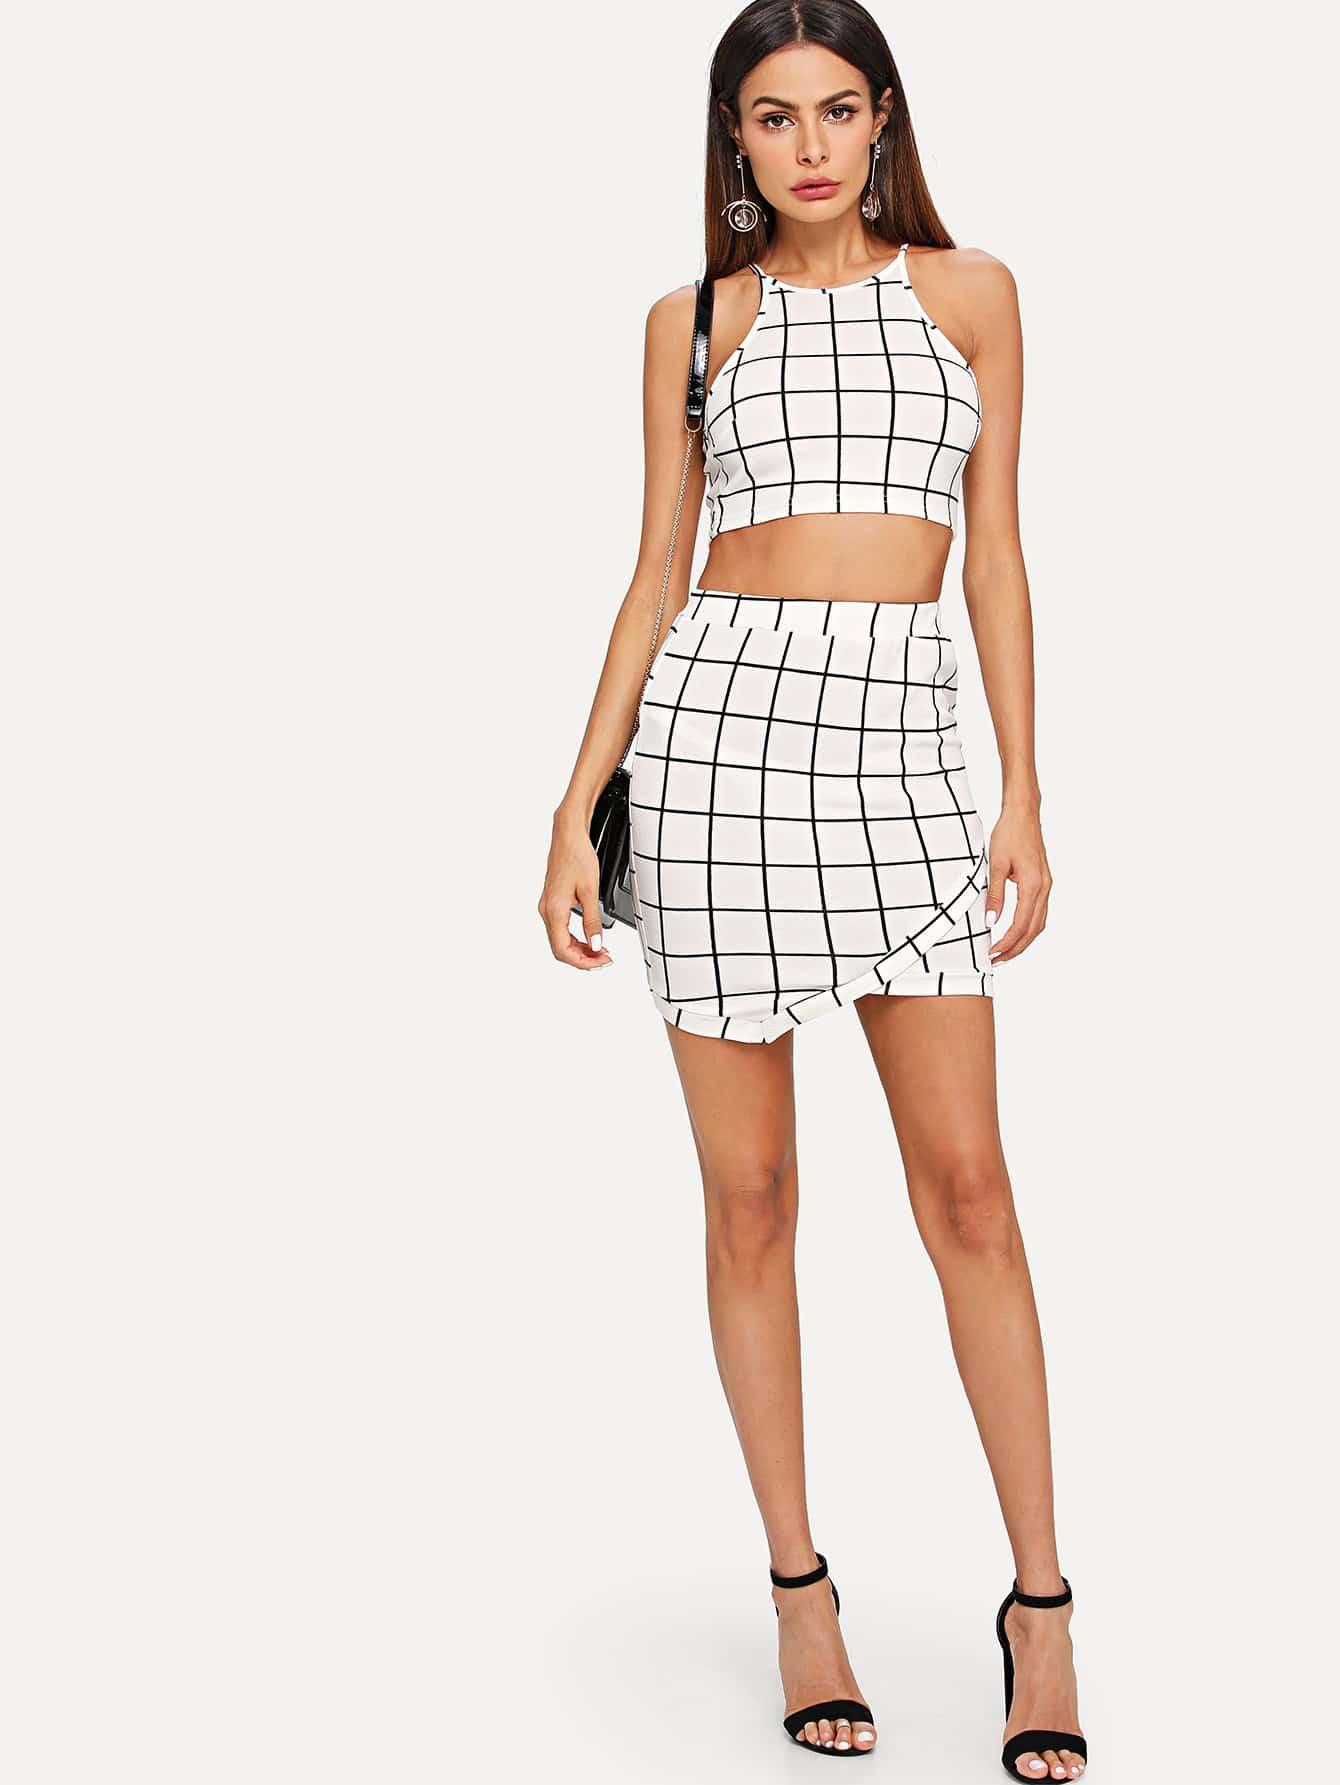 Grid Crop Halter Top & Wrap Skirt Set black choker sleeveless crop top